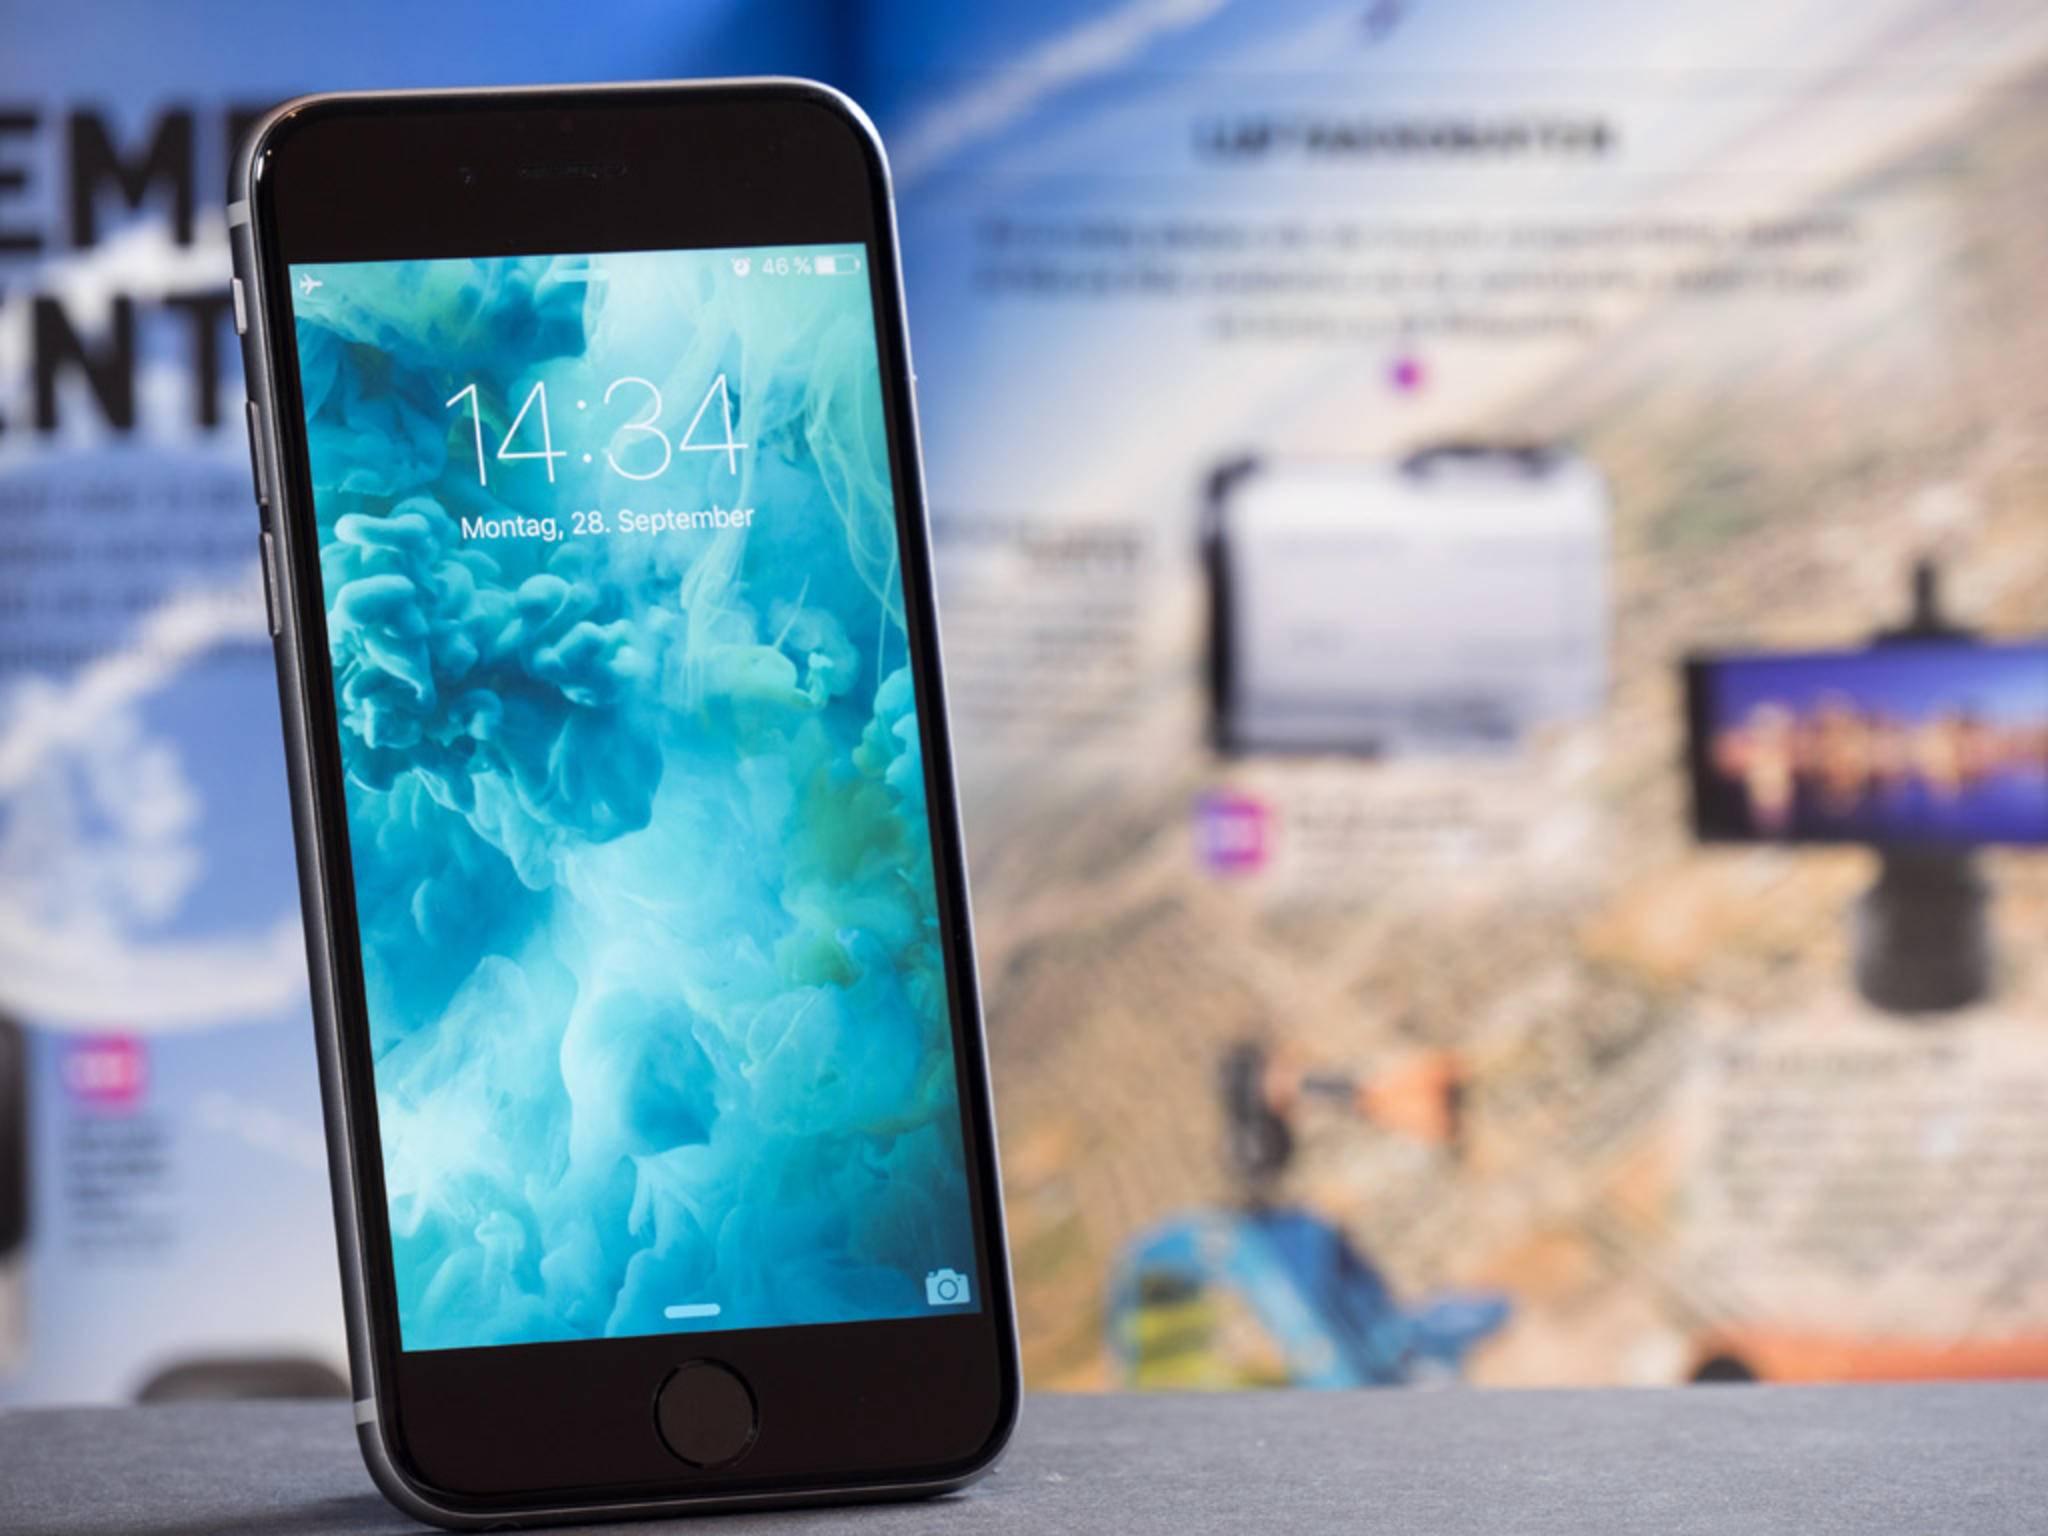 Das iPhone 6s bestimmte den Alltag, selbst als es noch gar nicht angekündigt worden war.